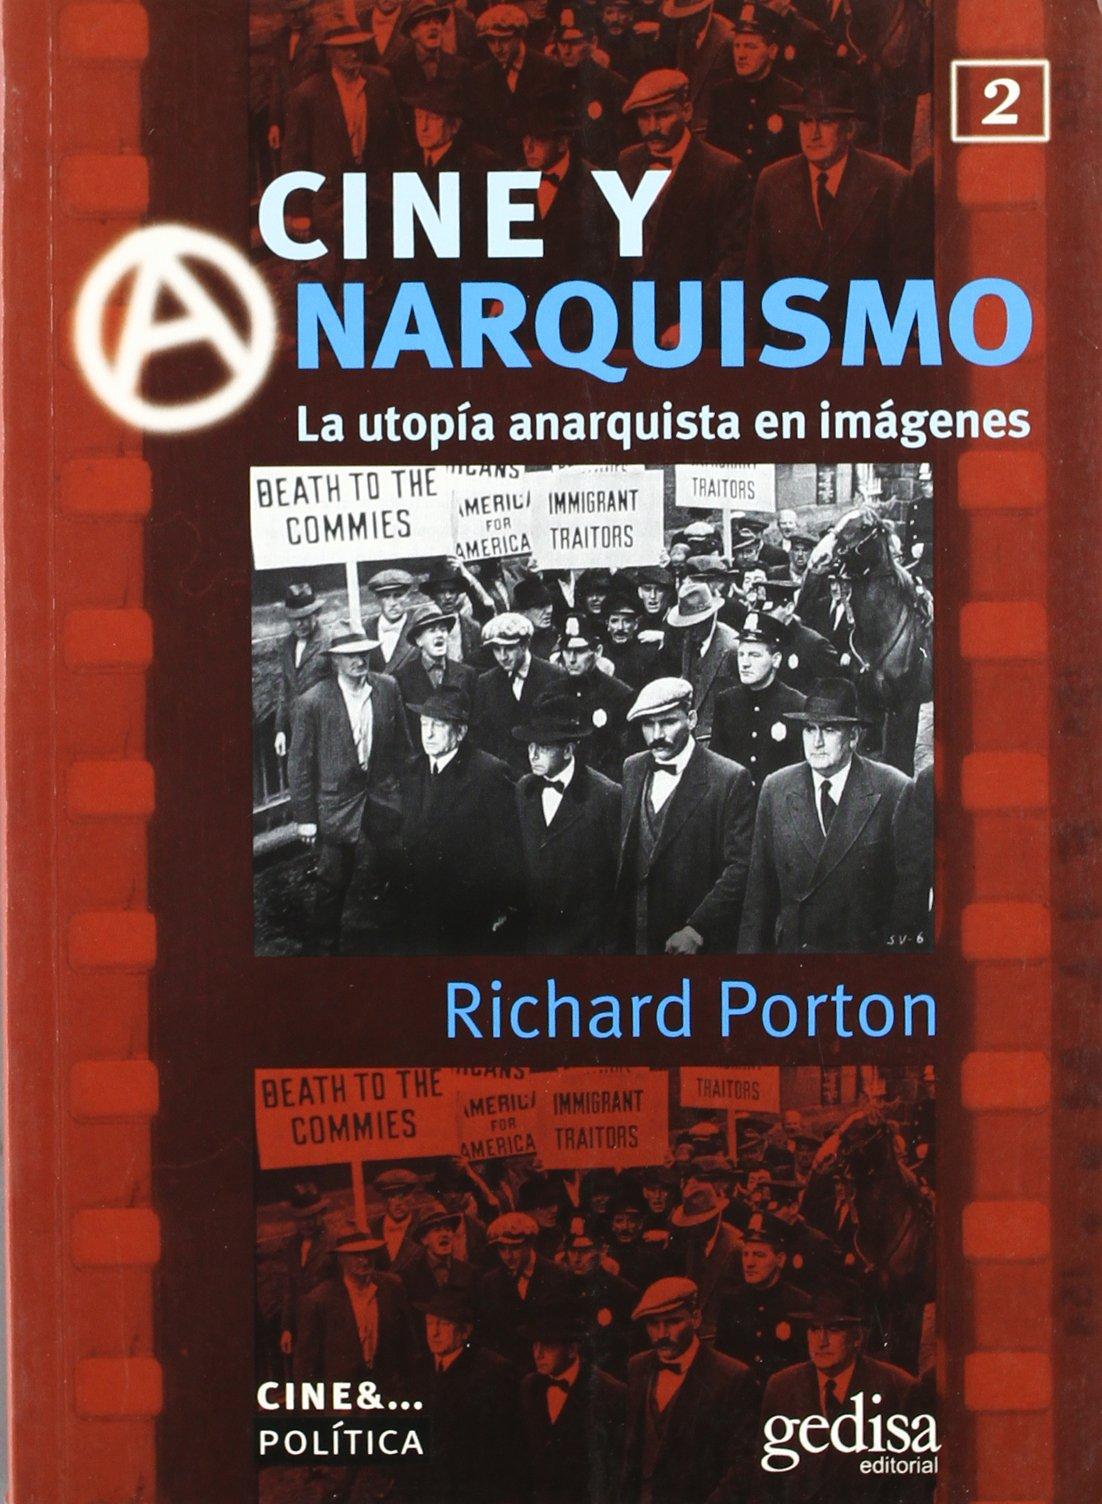 Cine y anarquismo: Amazon.es: Porton, Richard: Libros